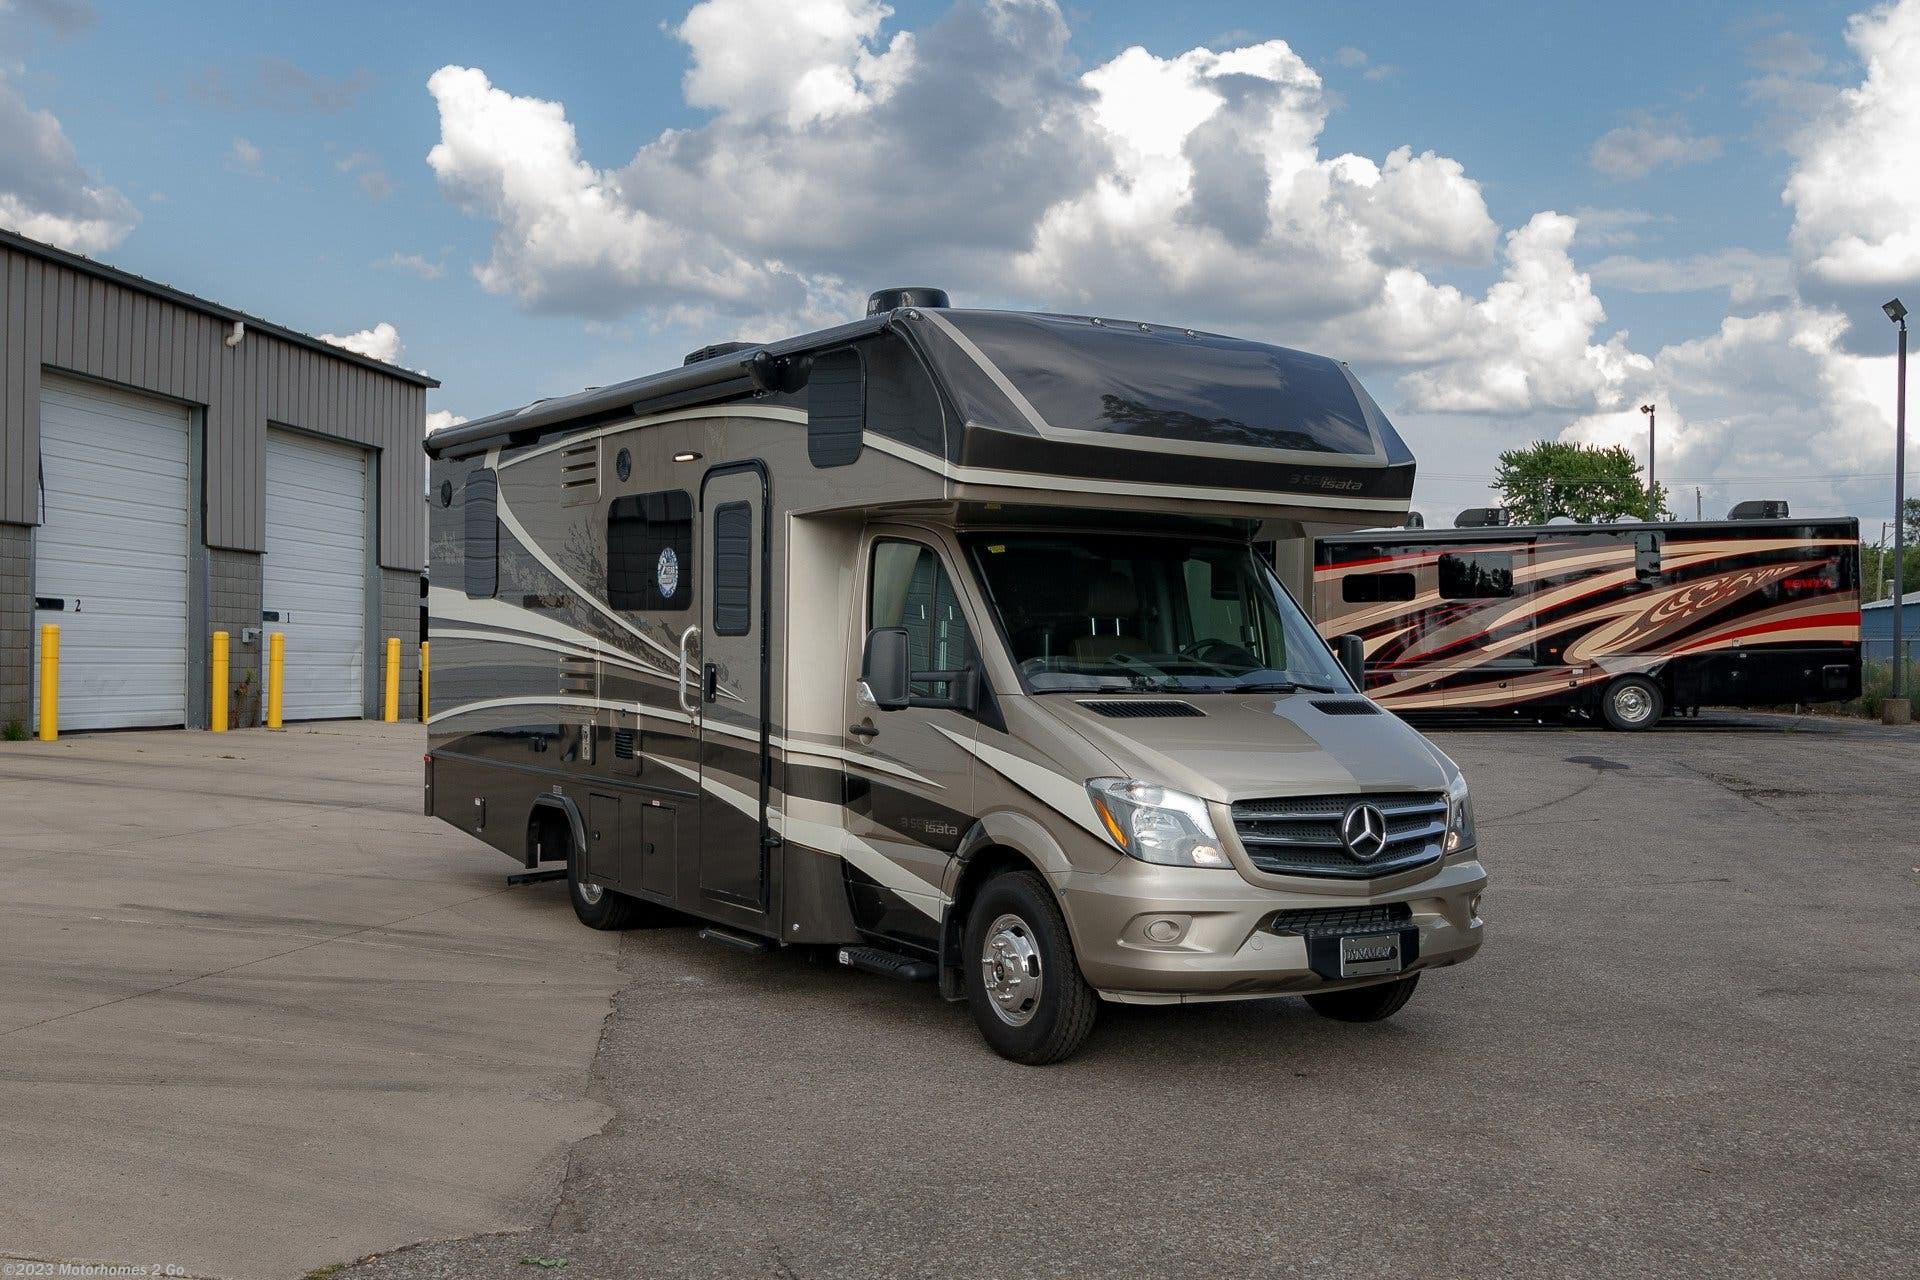 2019 Dynamax Corp RV Isata 3 24CBM for Sale in Grand Rapids, MI 49548 |  35179